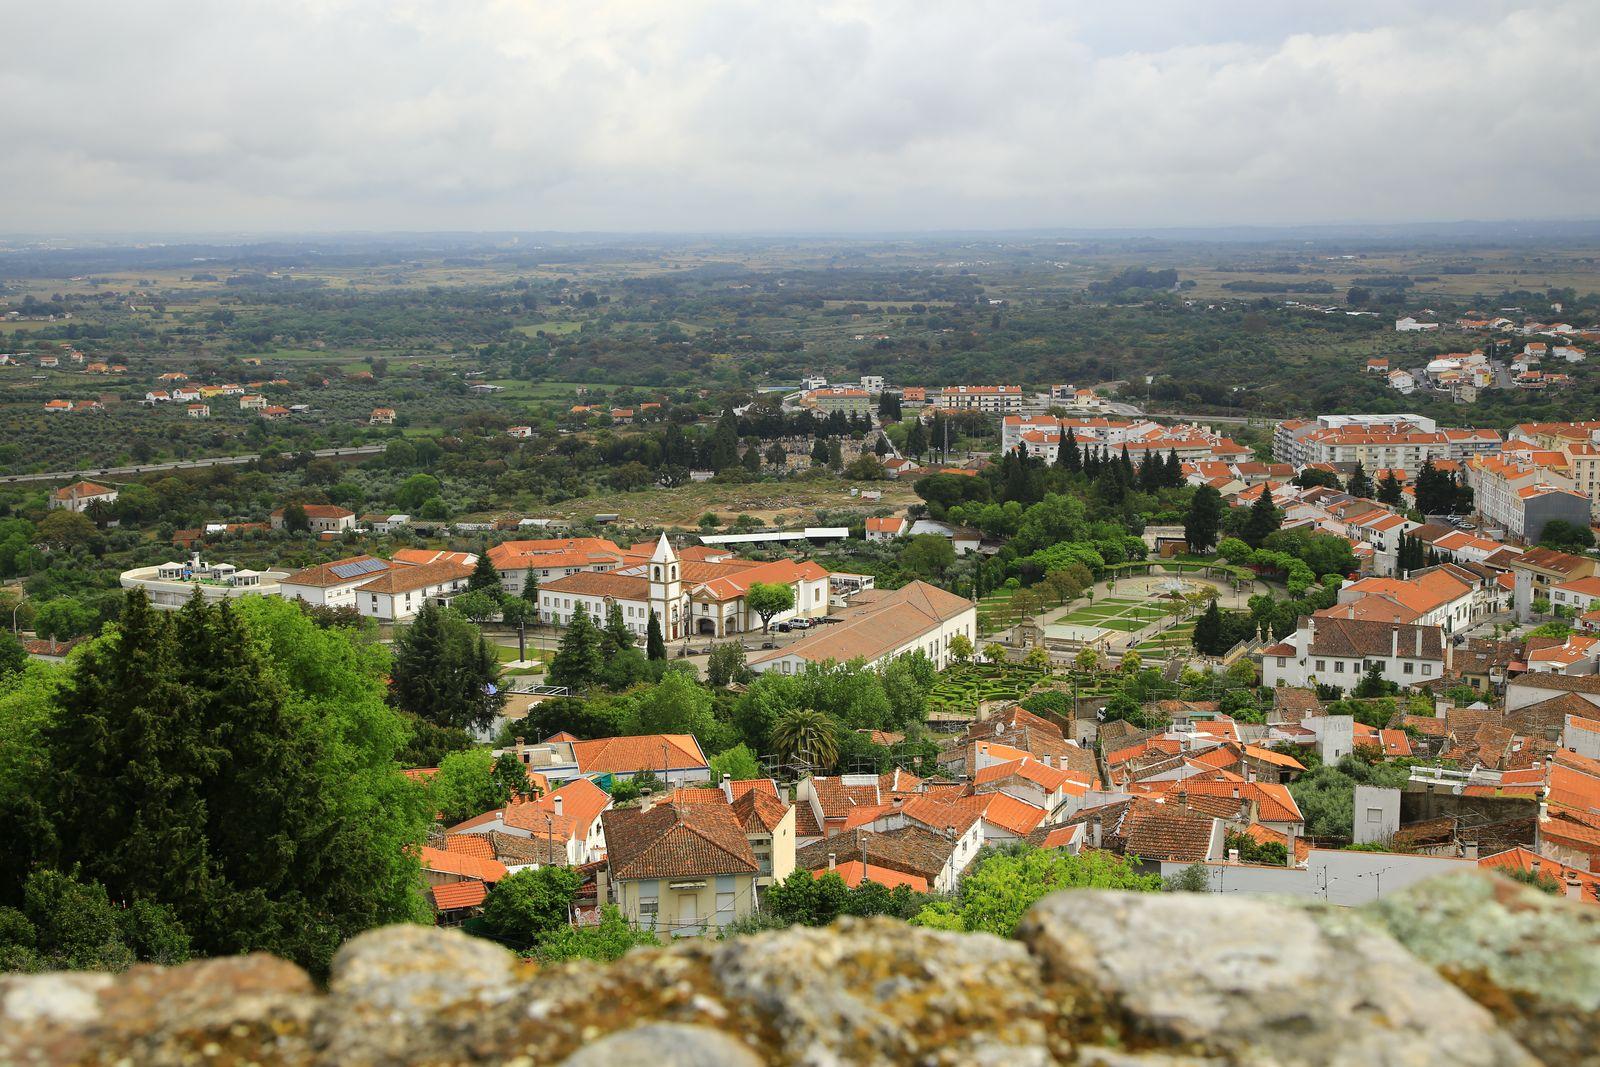 언덕 위 성곽에서 내려다본 카스텔루 브랑쿠 전경.